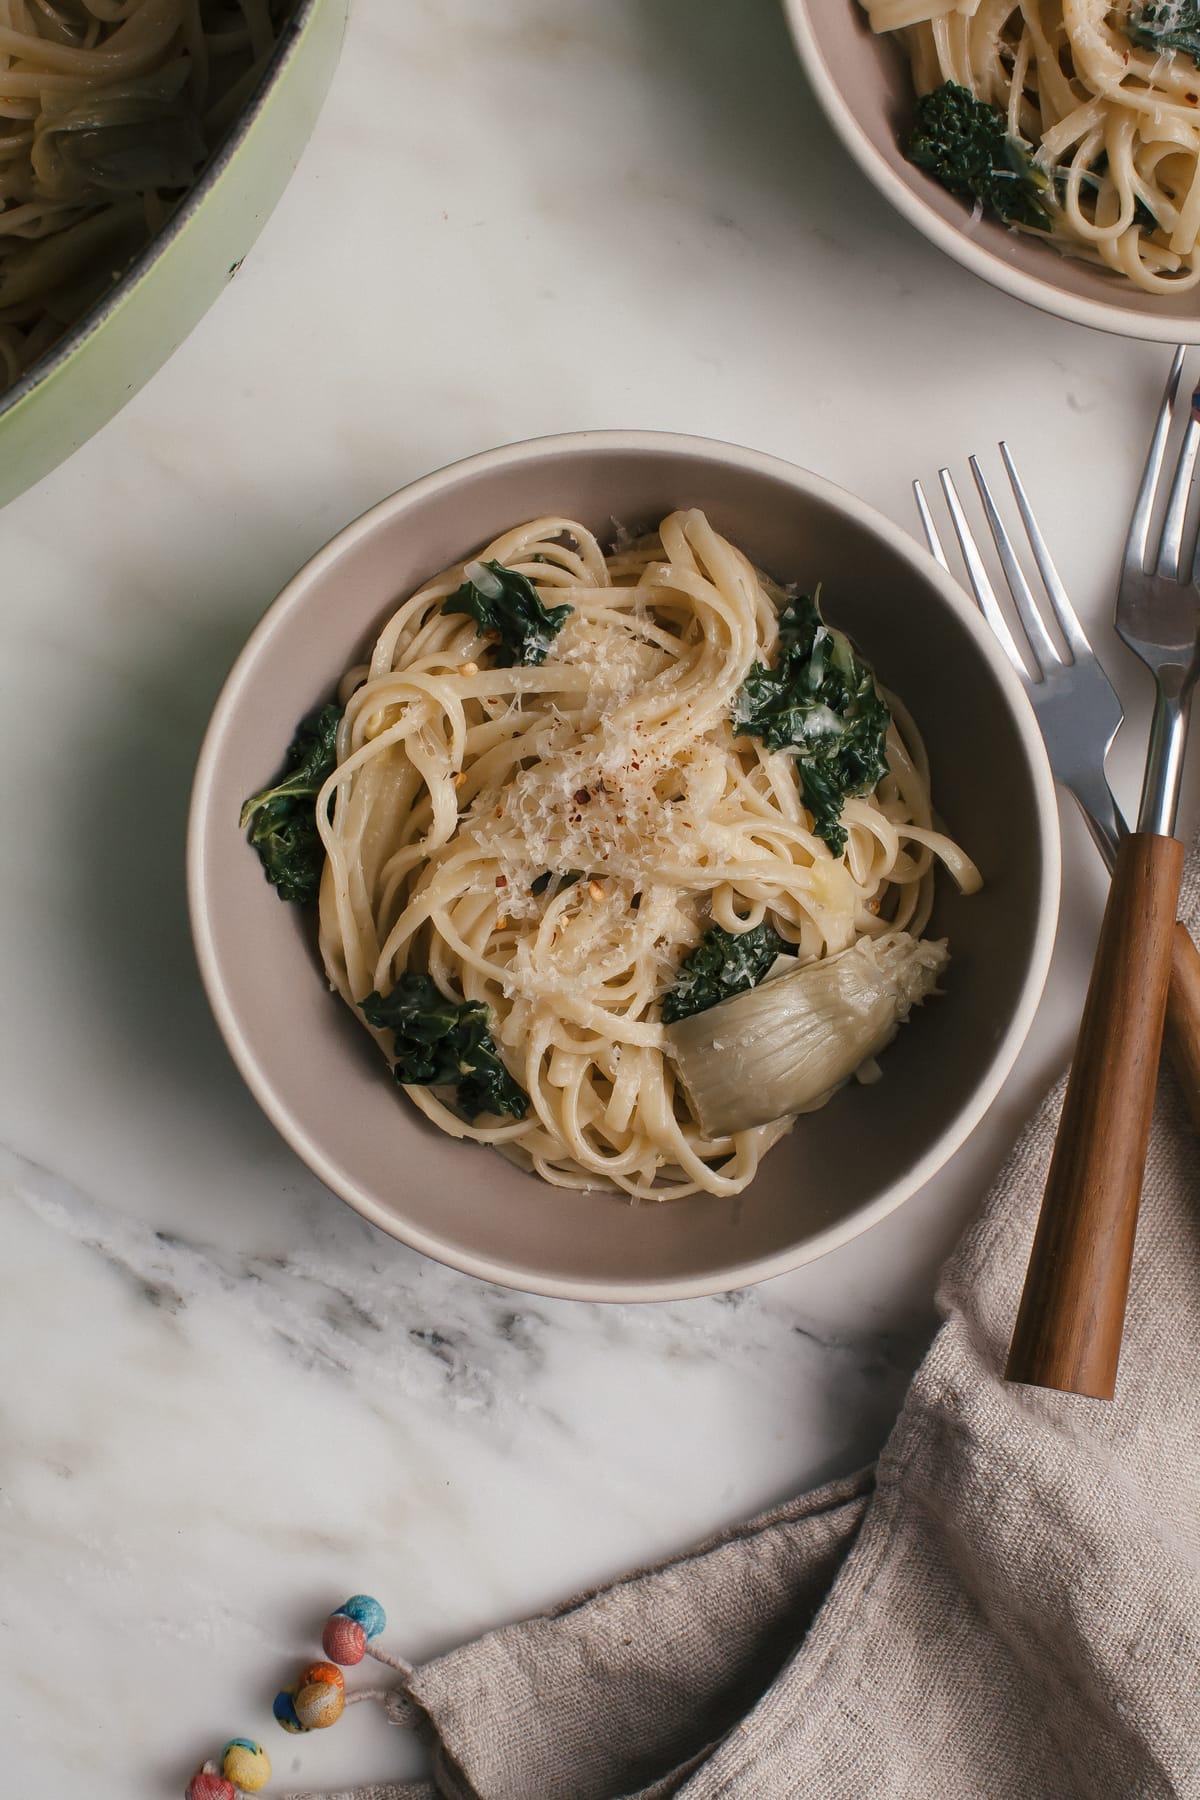 Lemon-y, Artichoke-y, Kale-y One Pot Pasta